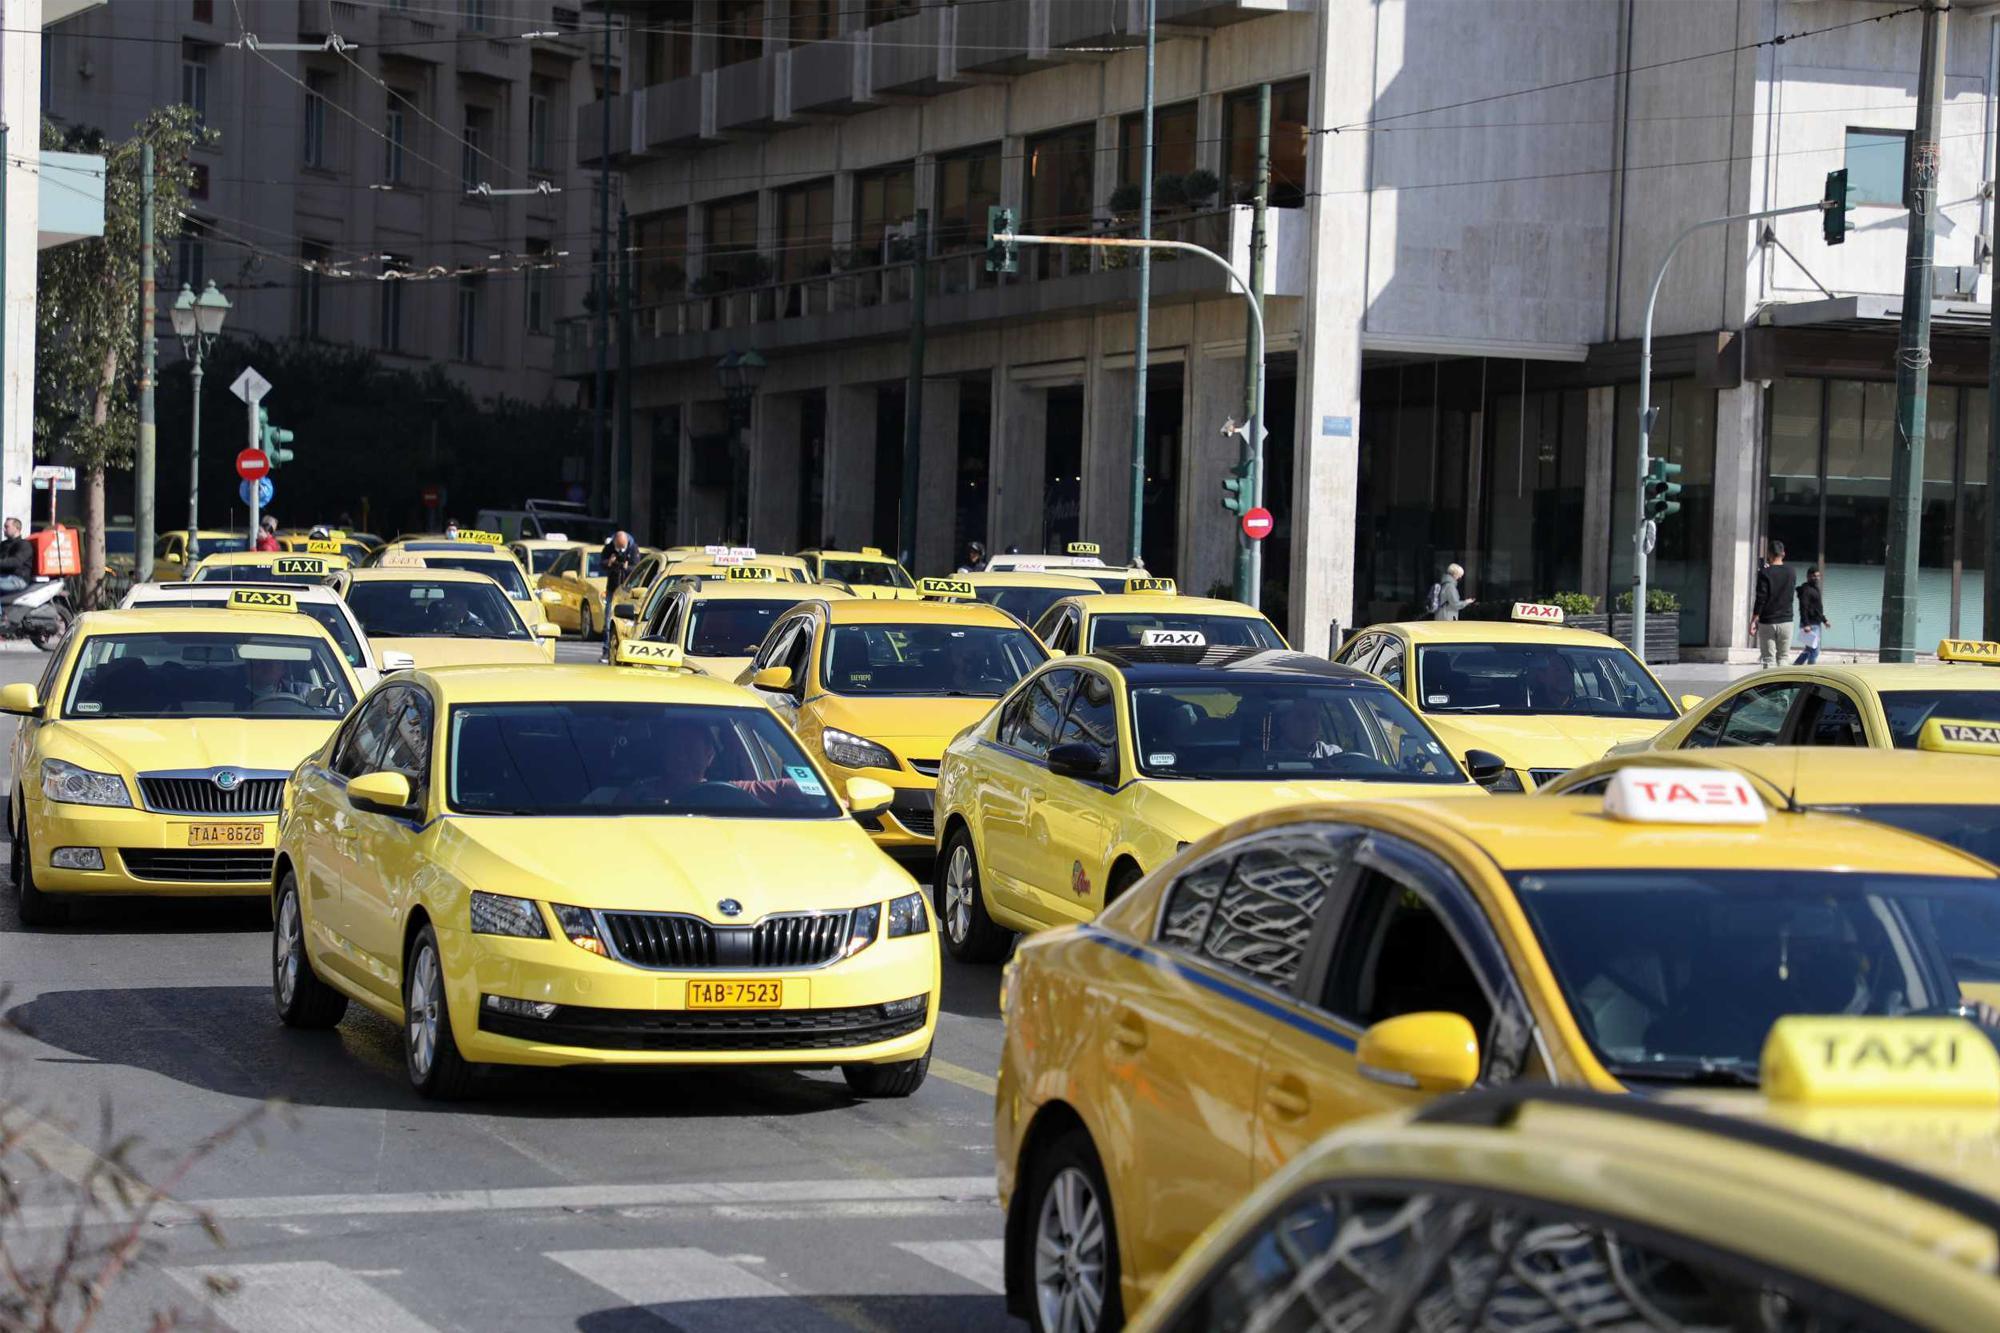 Μεγάλη επιδότηση στα ταξί